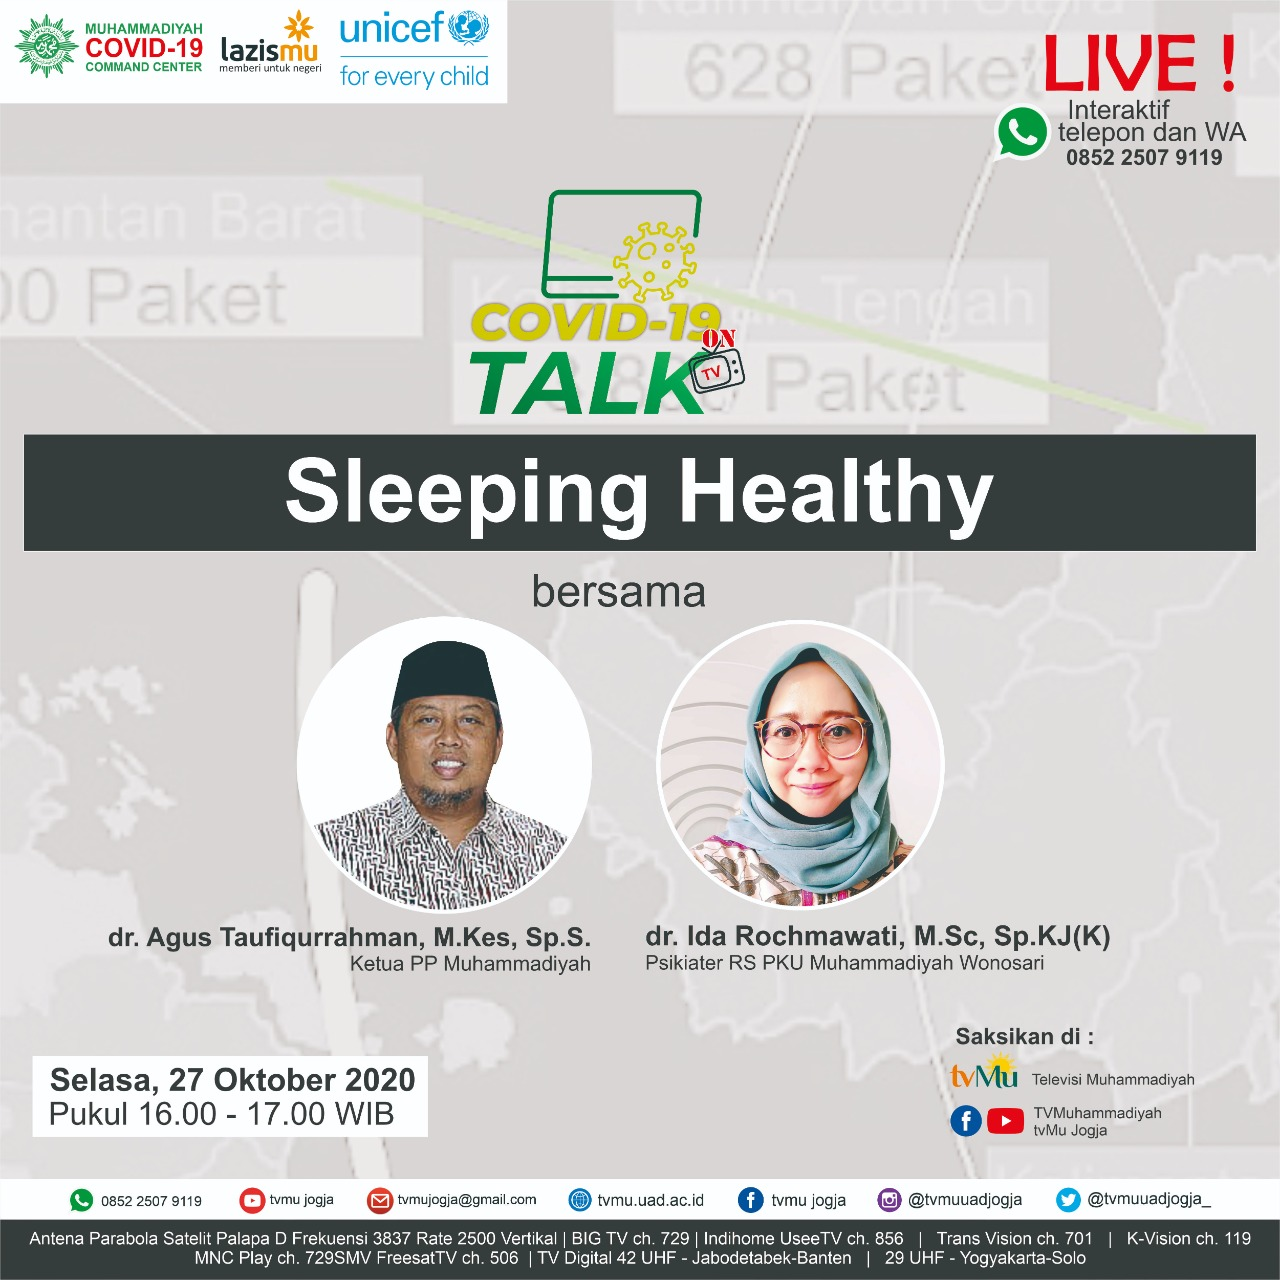 Sleeping Healthy